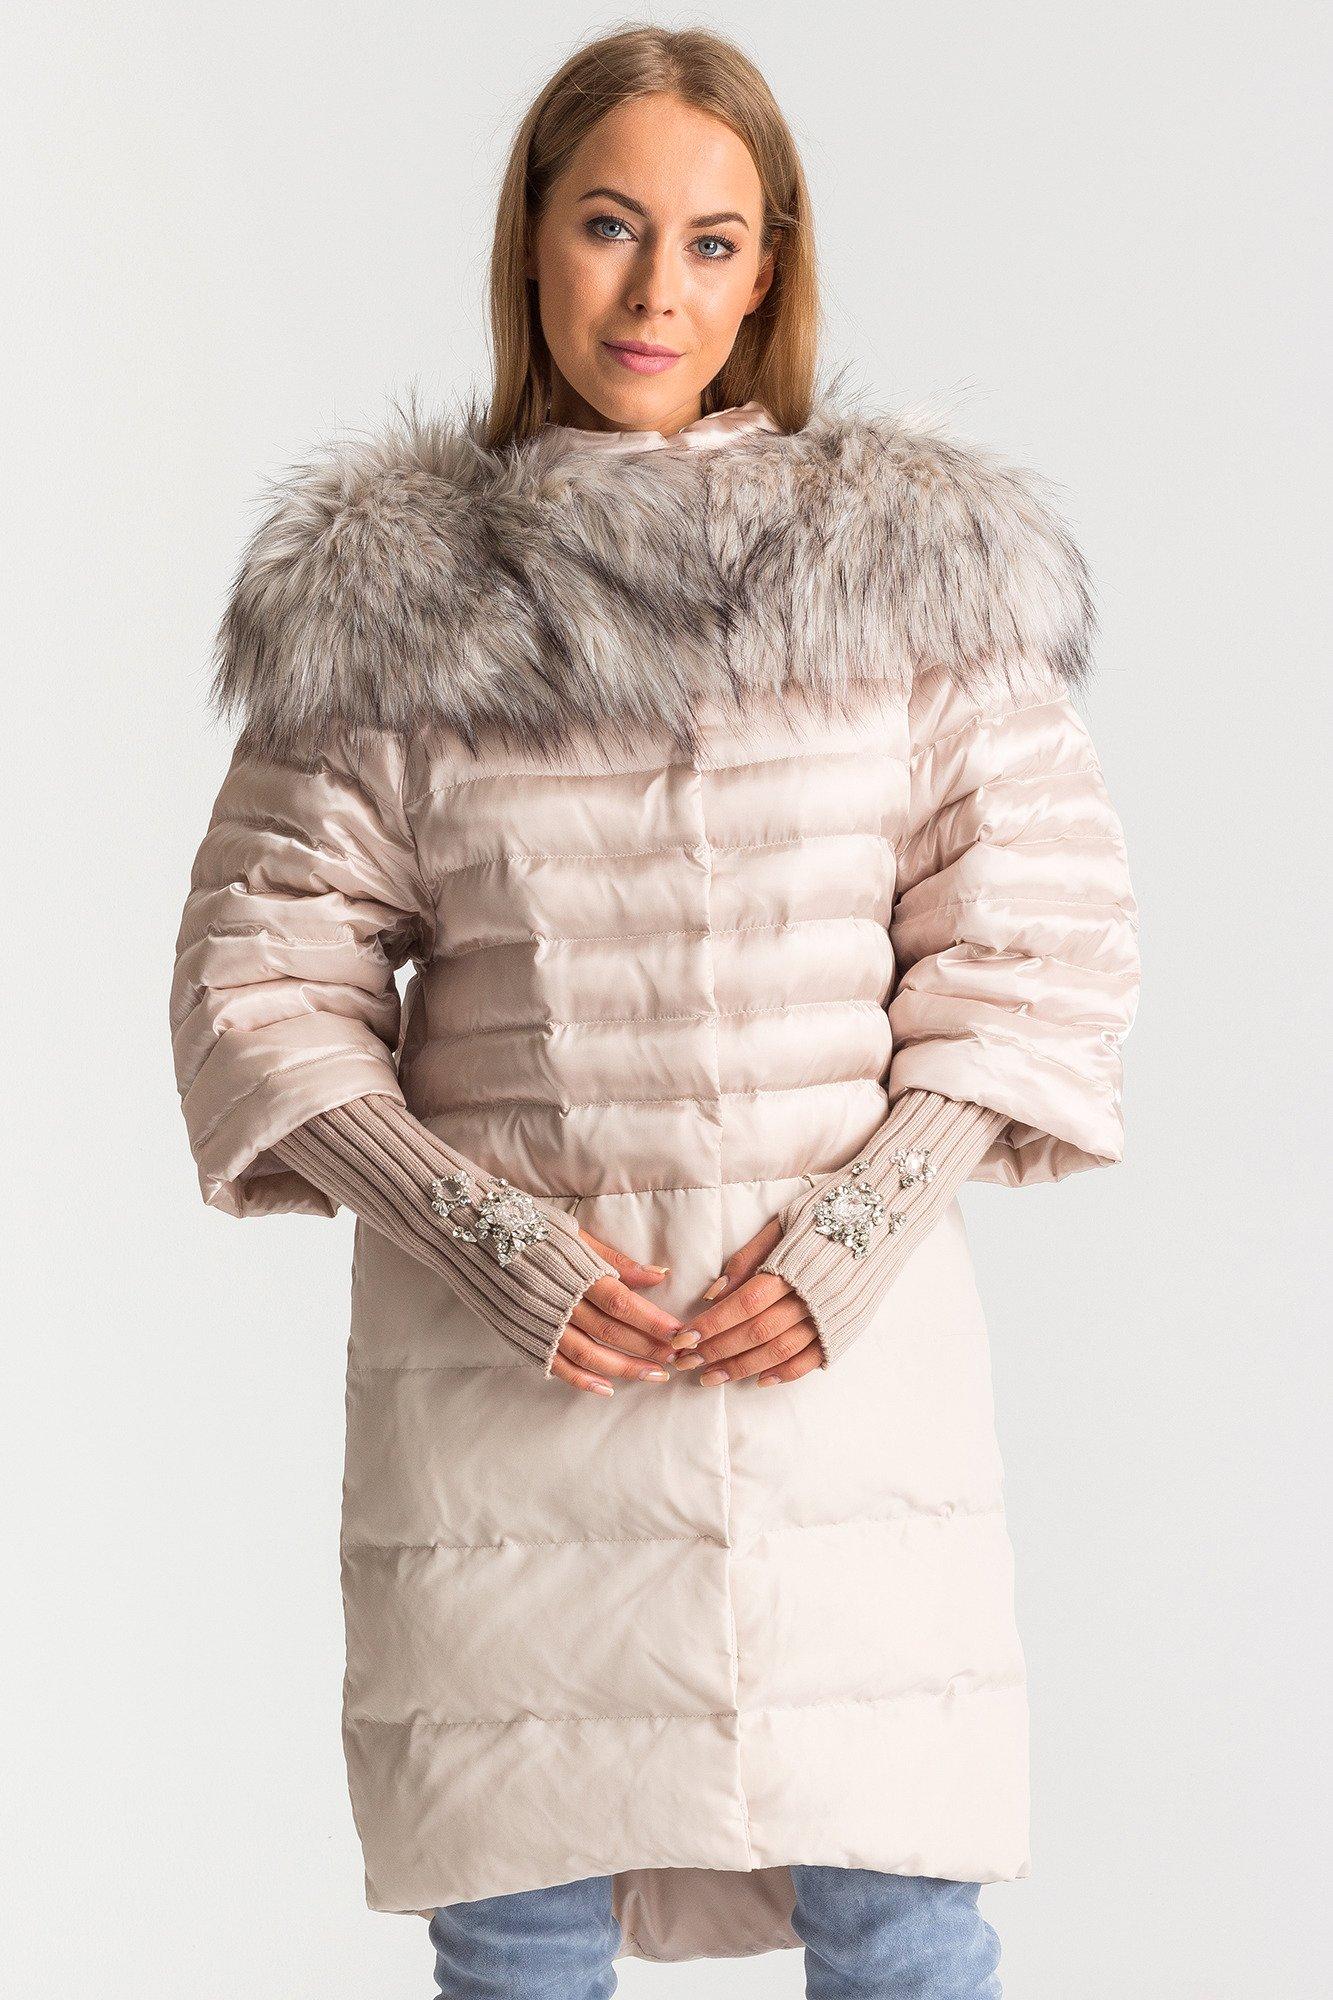 Płaszcz jesienny, elegancki fason dopasowany do sylwetki. Wysoka jakość wykonania. Elegancki płaszcz damski, ocieplany czarny. Płaszcz jesienny, elegancki fason dopasowany do sylwetki. Wysoka jakość wykonania. Pikowany wewnątrz więc cieplutki. Krój perfekcyjny - super leży. Zgodny ze zdjęciem. Dobrze.